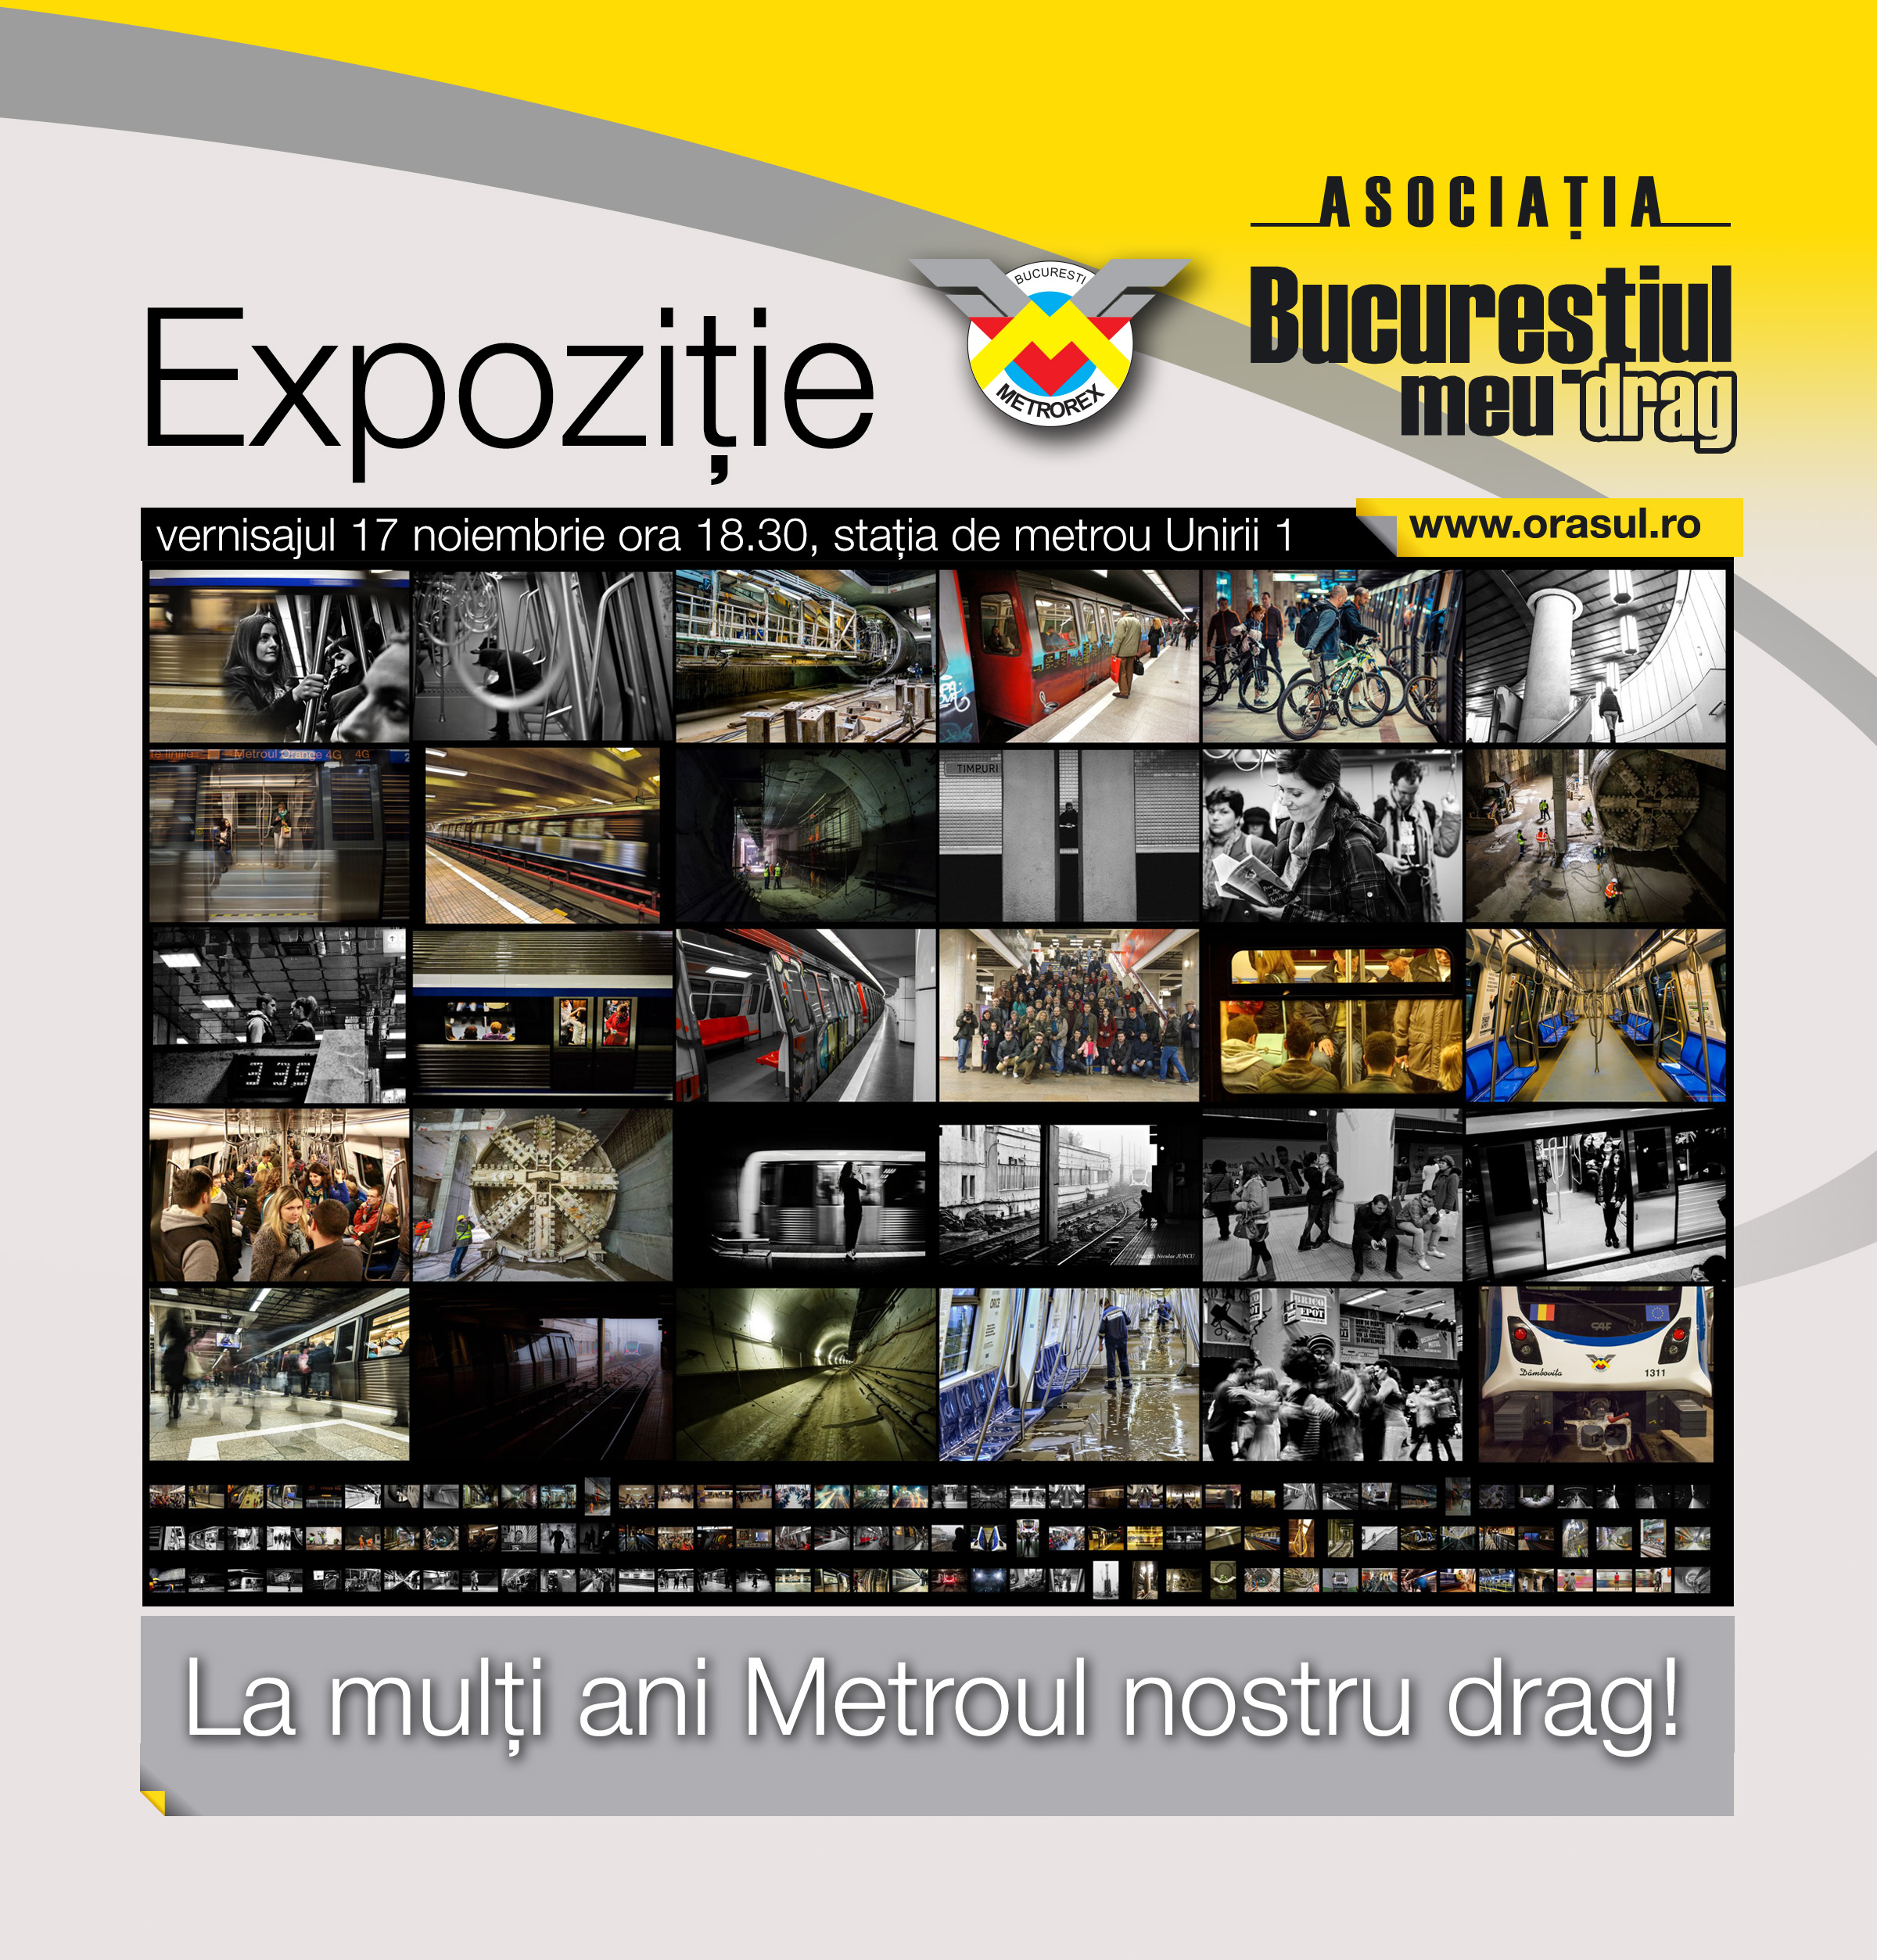 La multi ani Metroul nostru drag – expozitie de fotografie